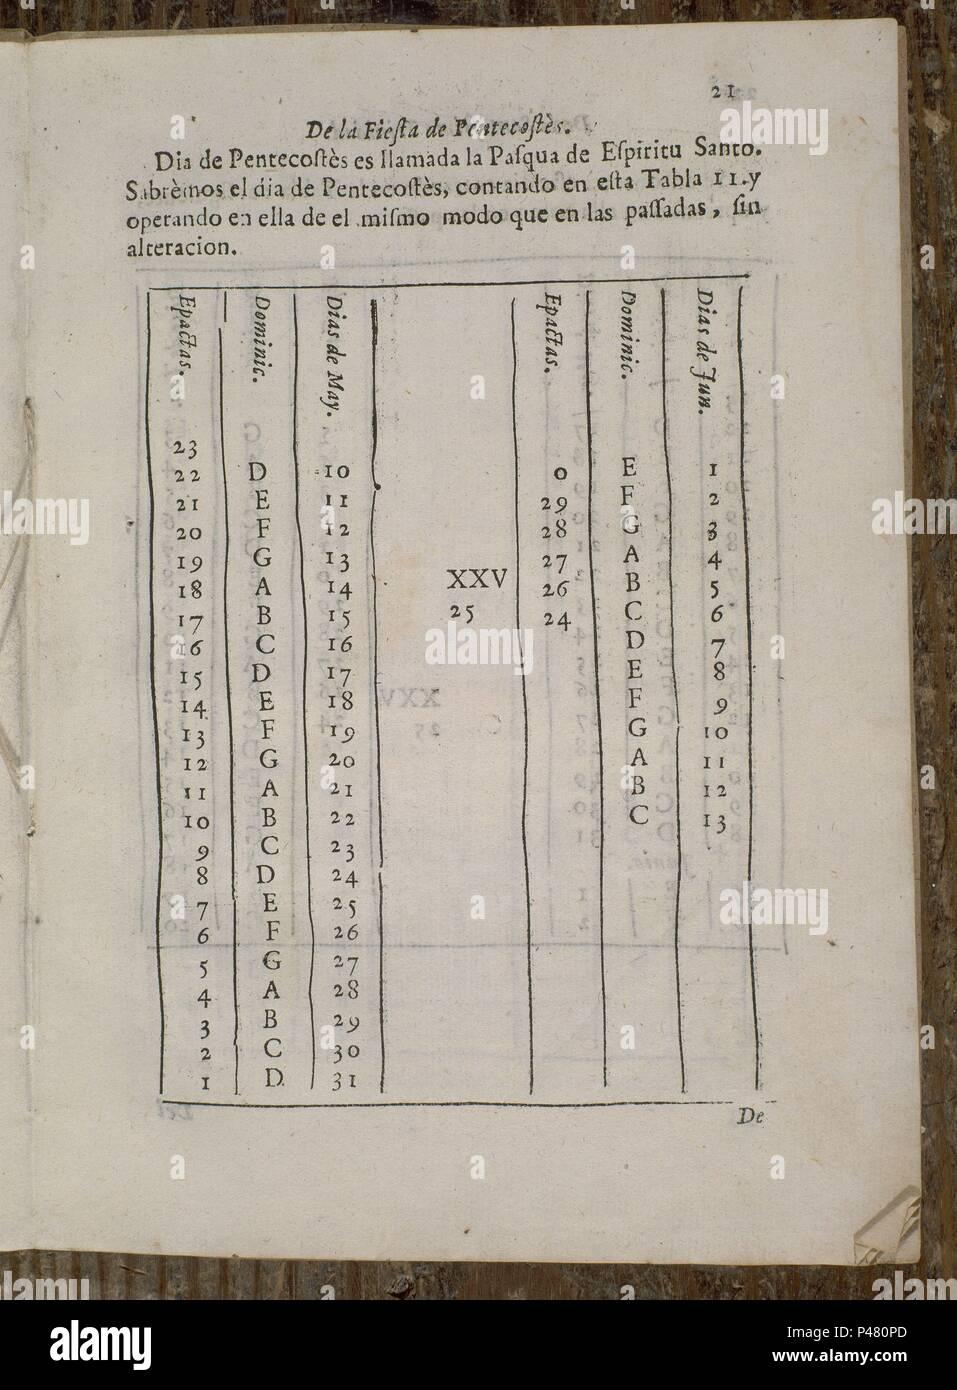 ARTE DE HACER CALENDARIOS DE VERAS Y PRONOSTICOS DE BURLAS - SIGLO XVIII - PAGINA 21. Author: Diego de Torres Villarroel (1693-1770). Location: BIBLIOTECA NACIONAL-COLECCION, MADRID, SPAIN. - Stock Image